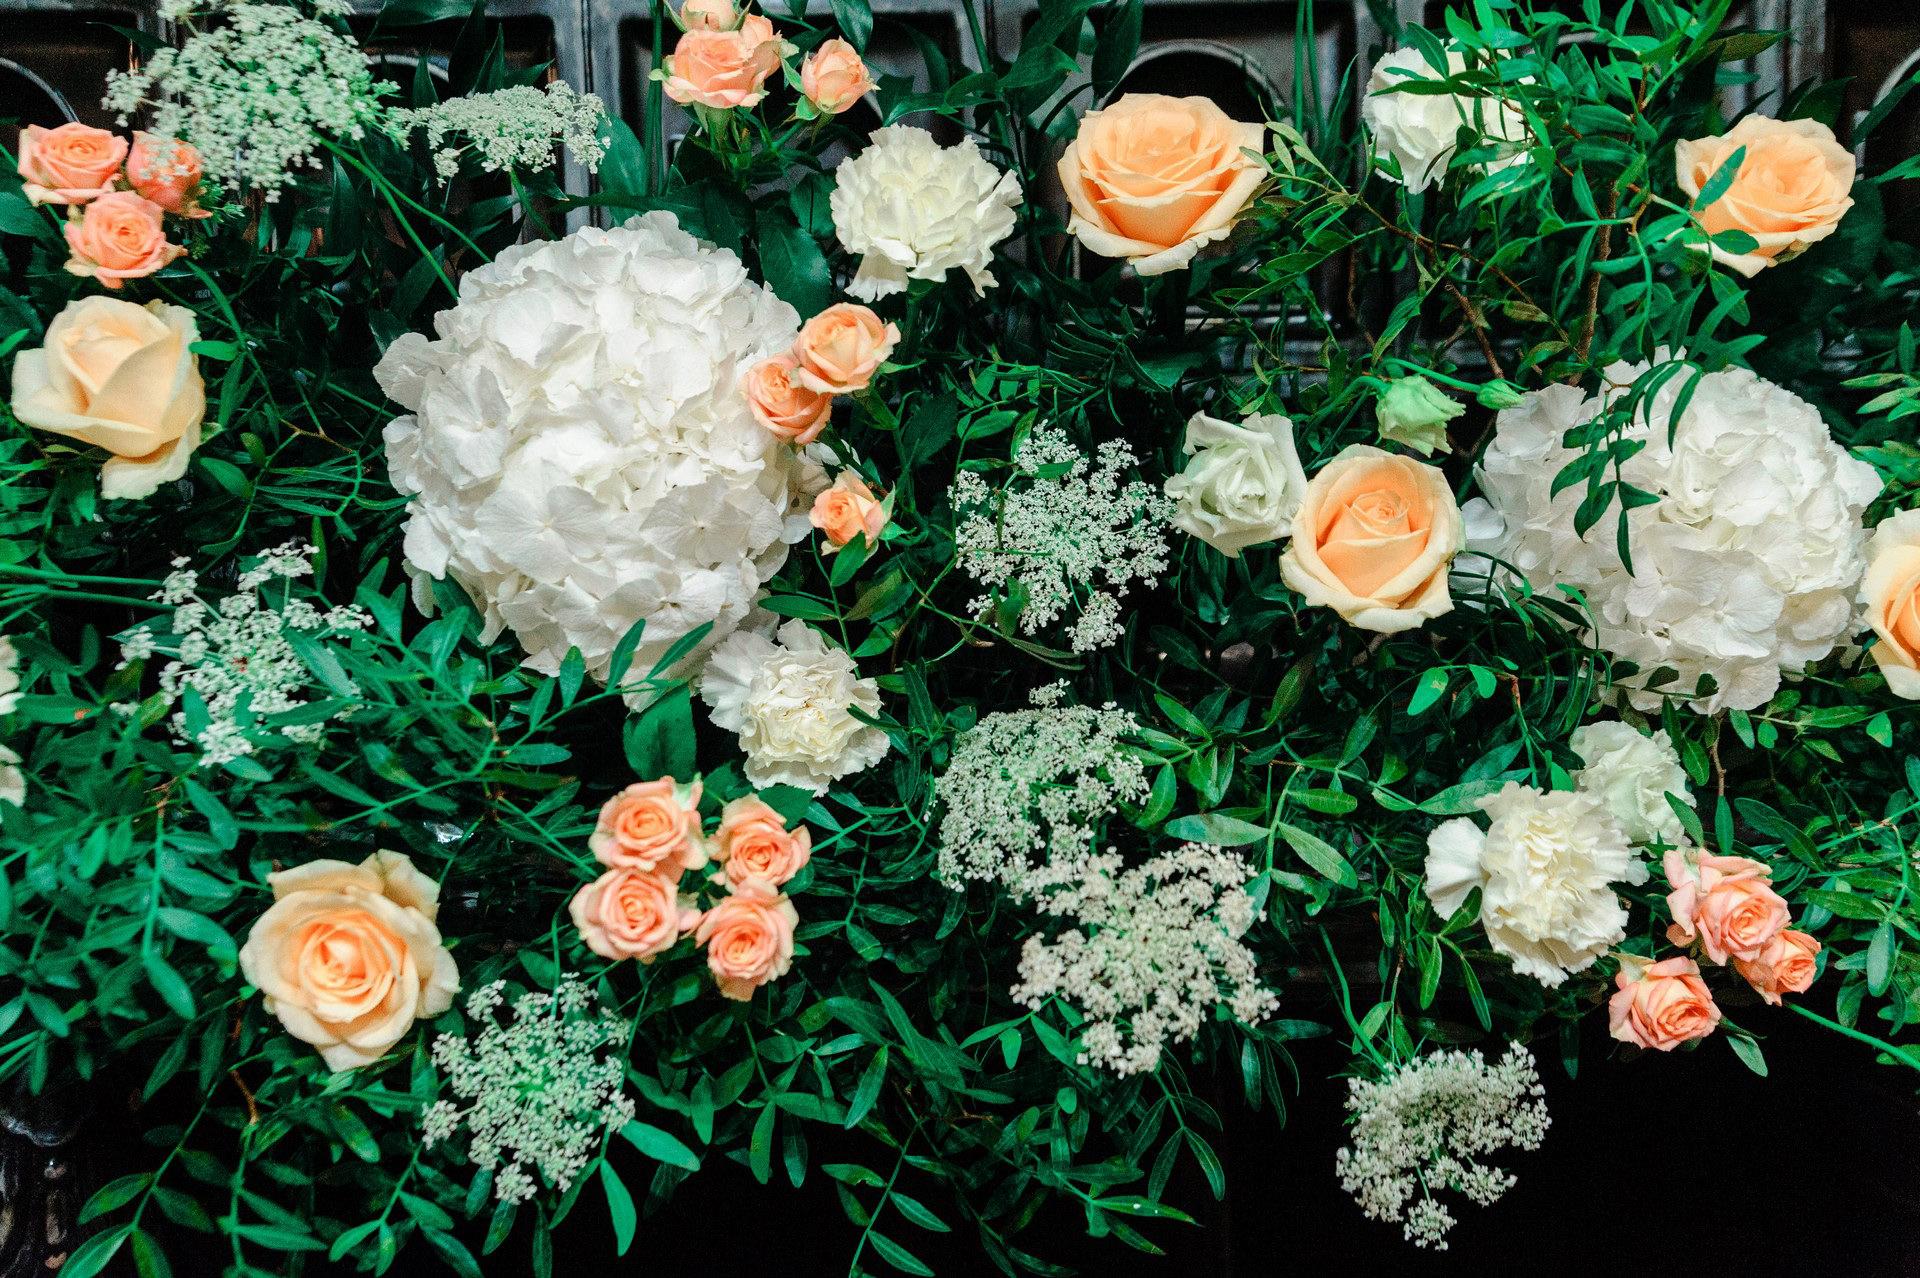 Цветы в цветочной композиции - цветочном карнизе для стола молодожен